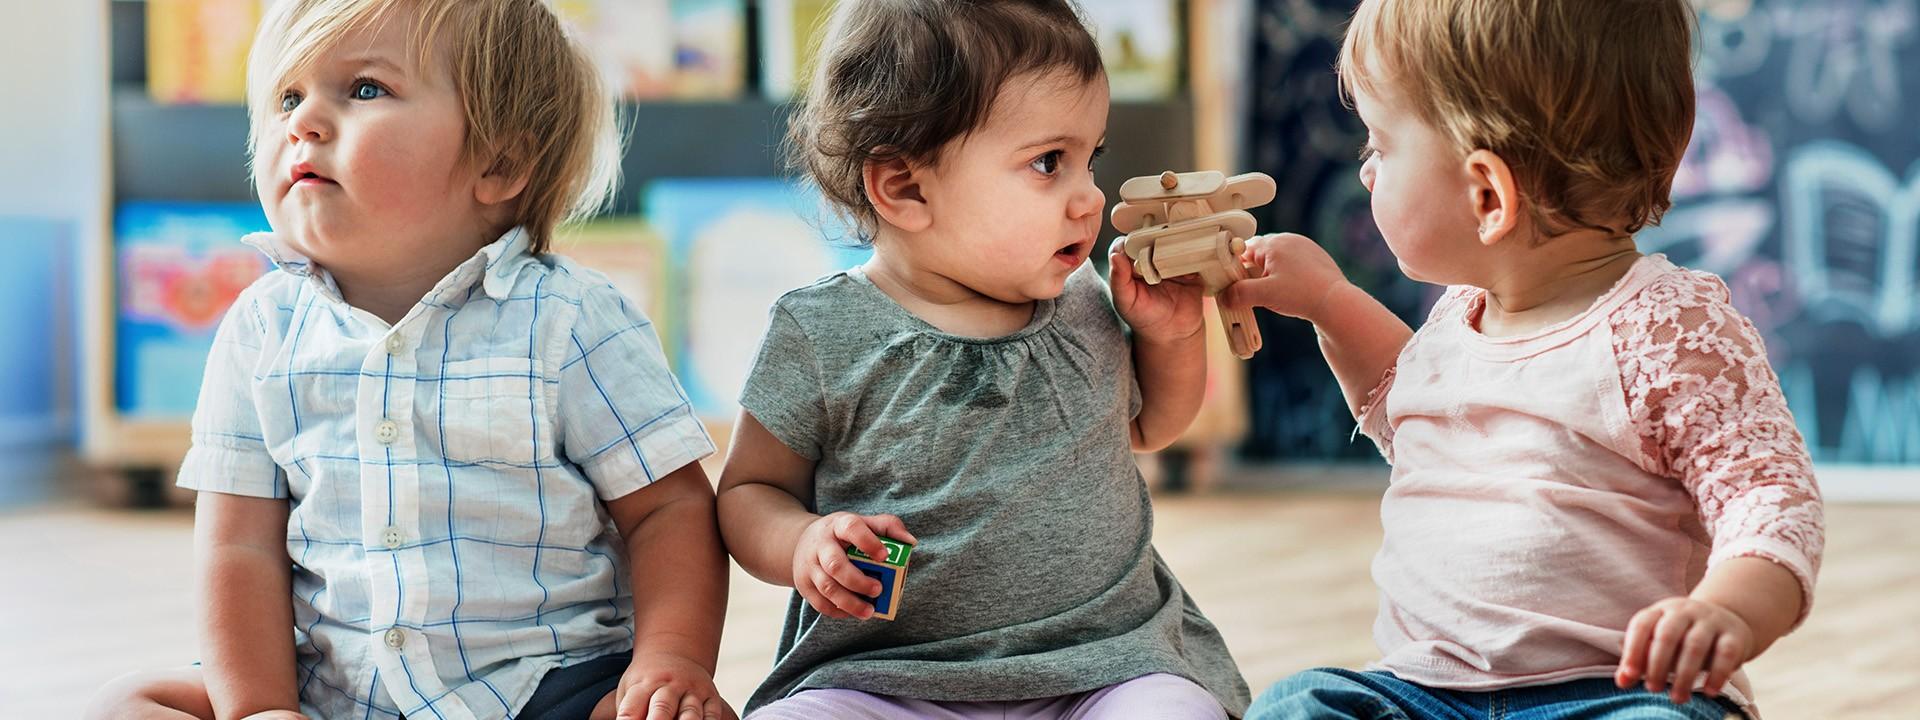 Drei Babys sitzen zusammen und spielen mit bunten Bausteinen.